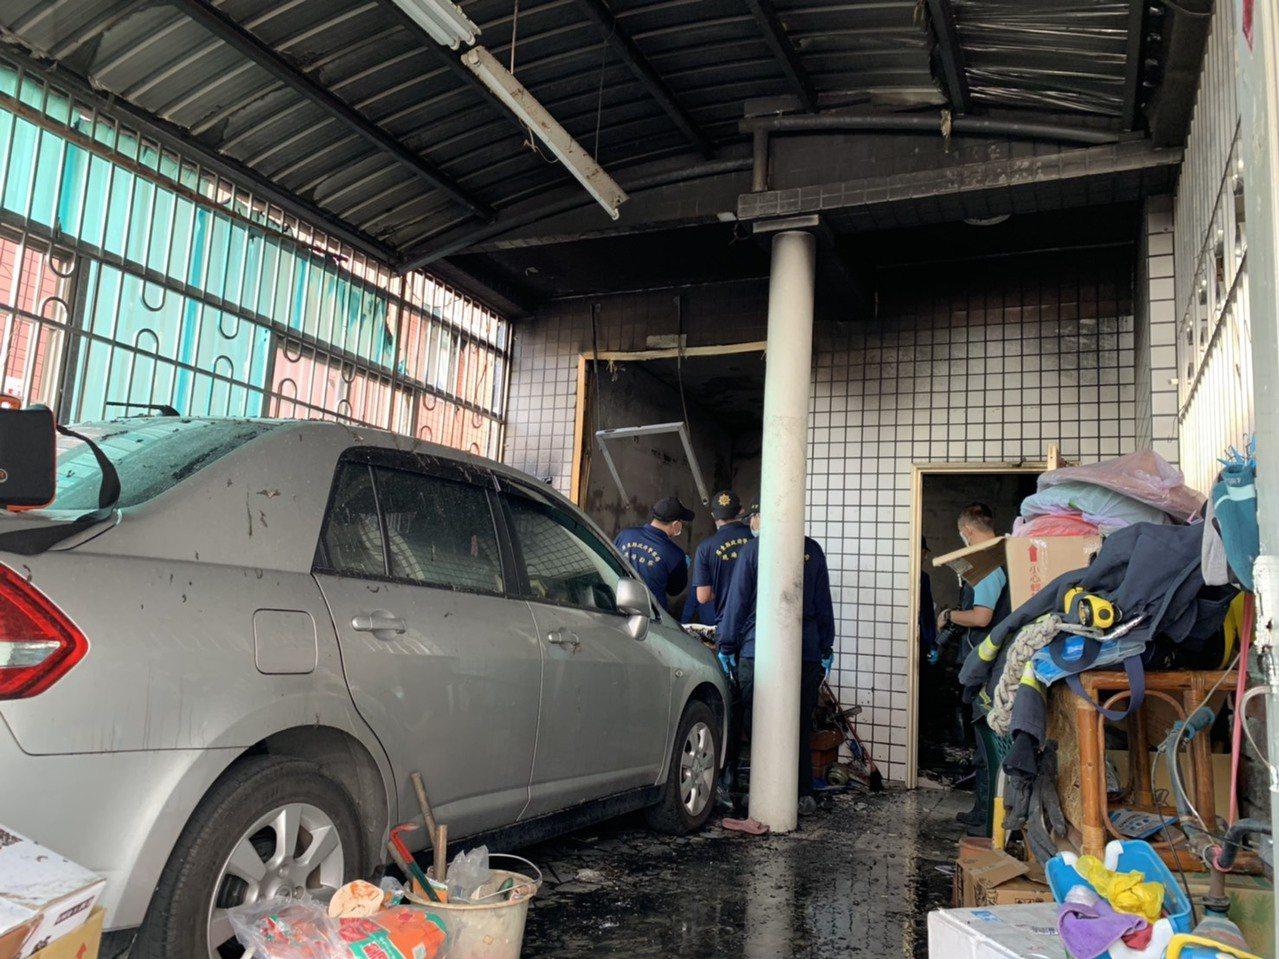 屏東縣內埔鄉,今天清晨發生民宅火警,釀一家7口4死2傷悲劇。記者翁禎霞/攝影